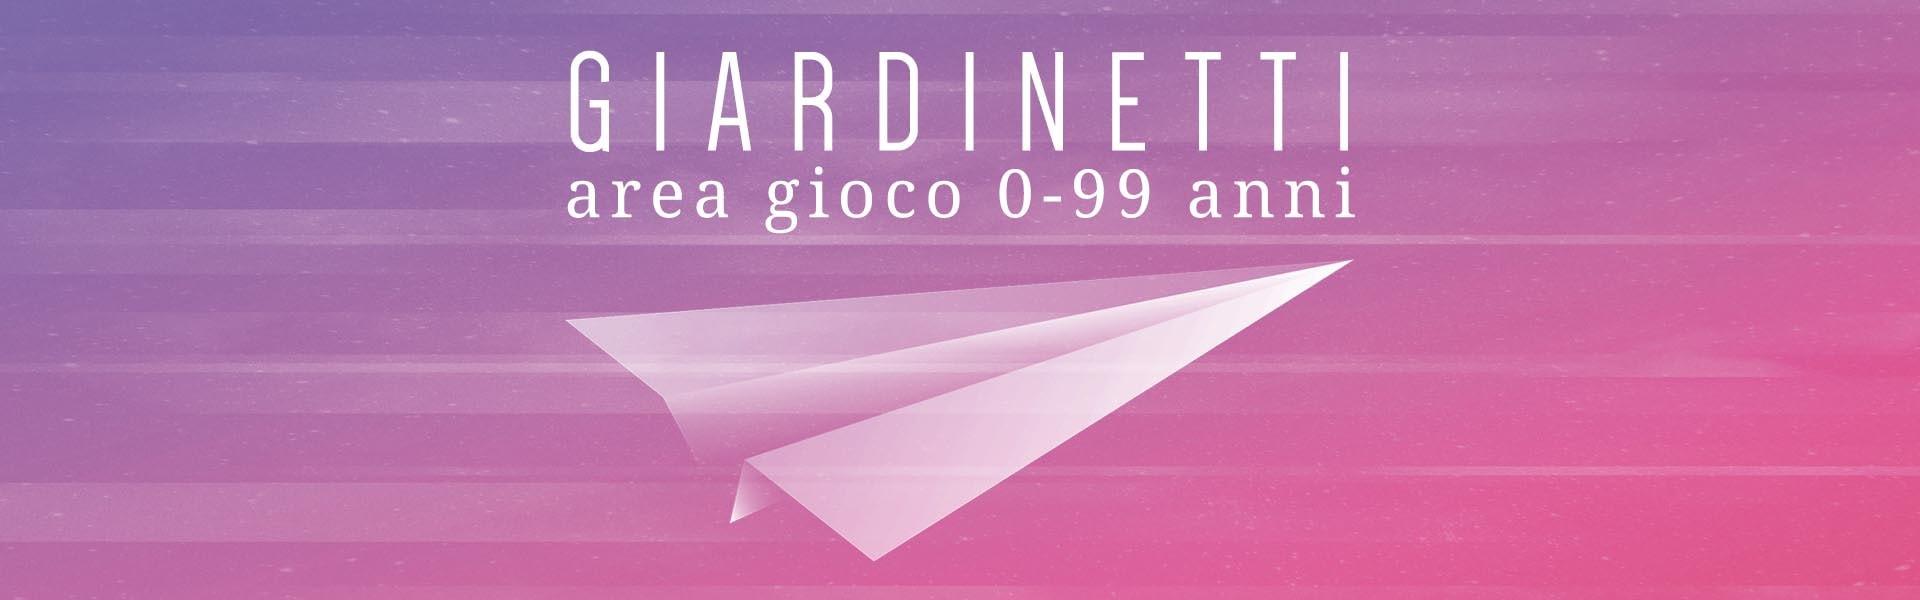 Giardinetti / area gioco 0-99 anni / Artisti in Piazza / Pennabilli Festival 2018